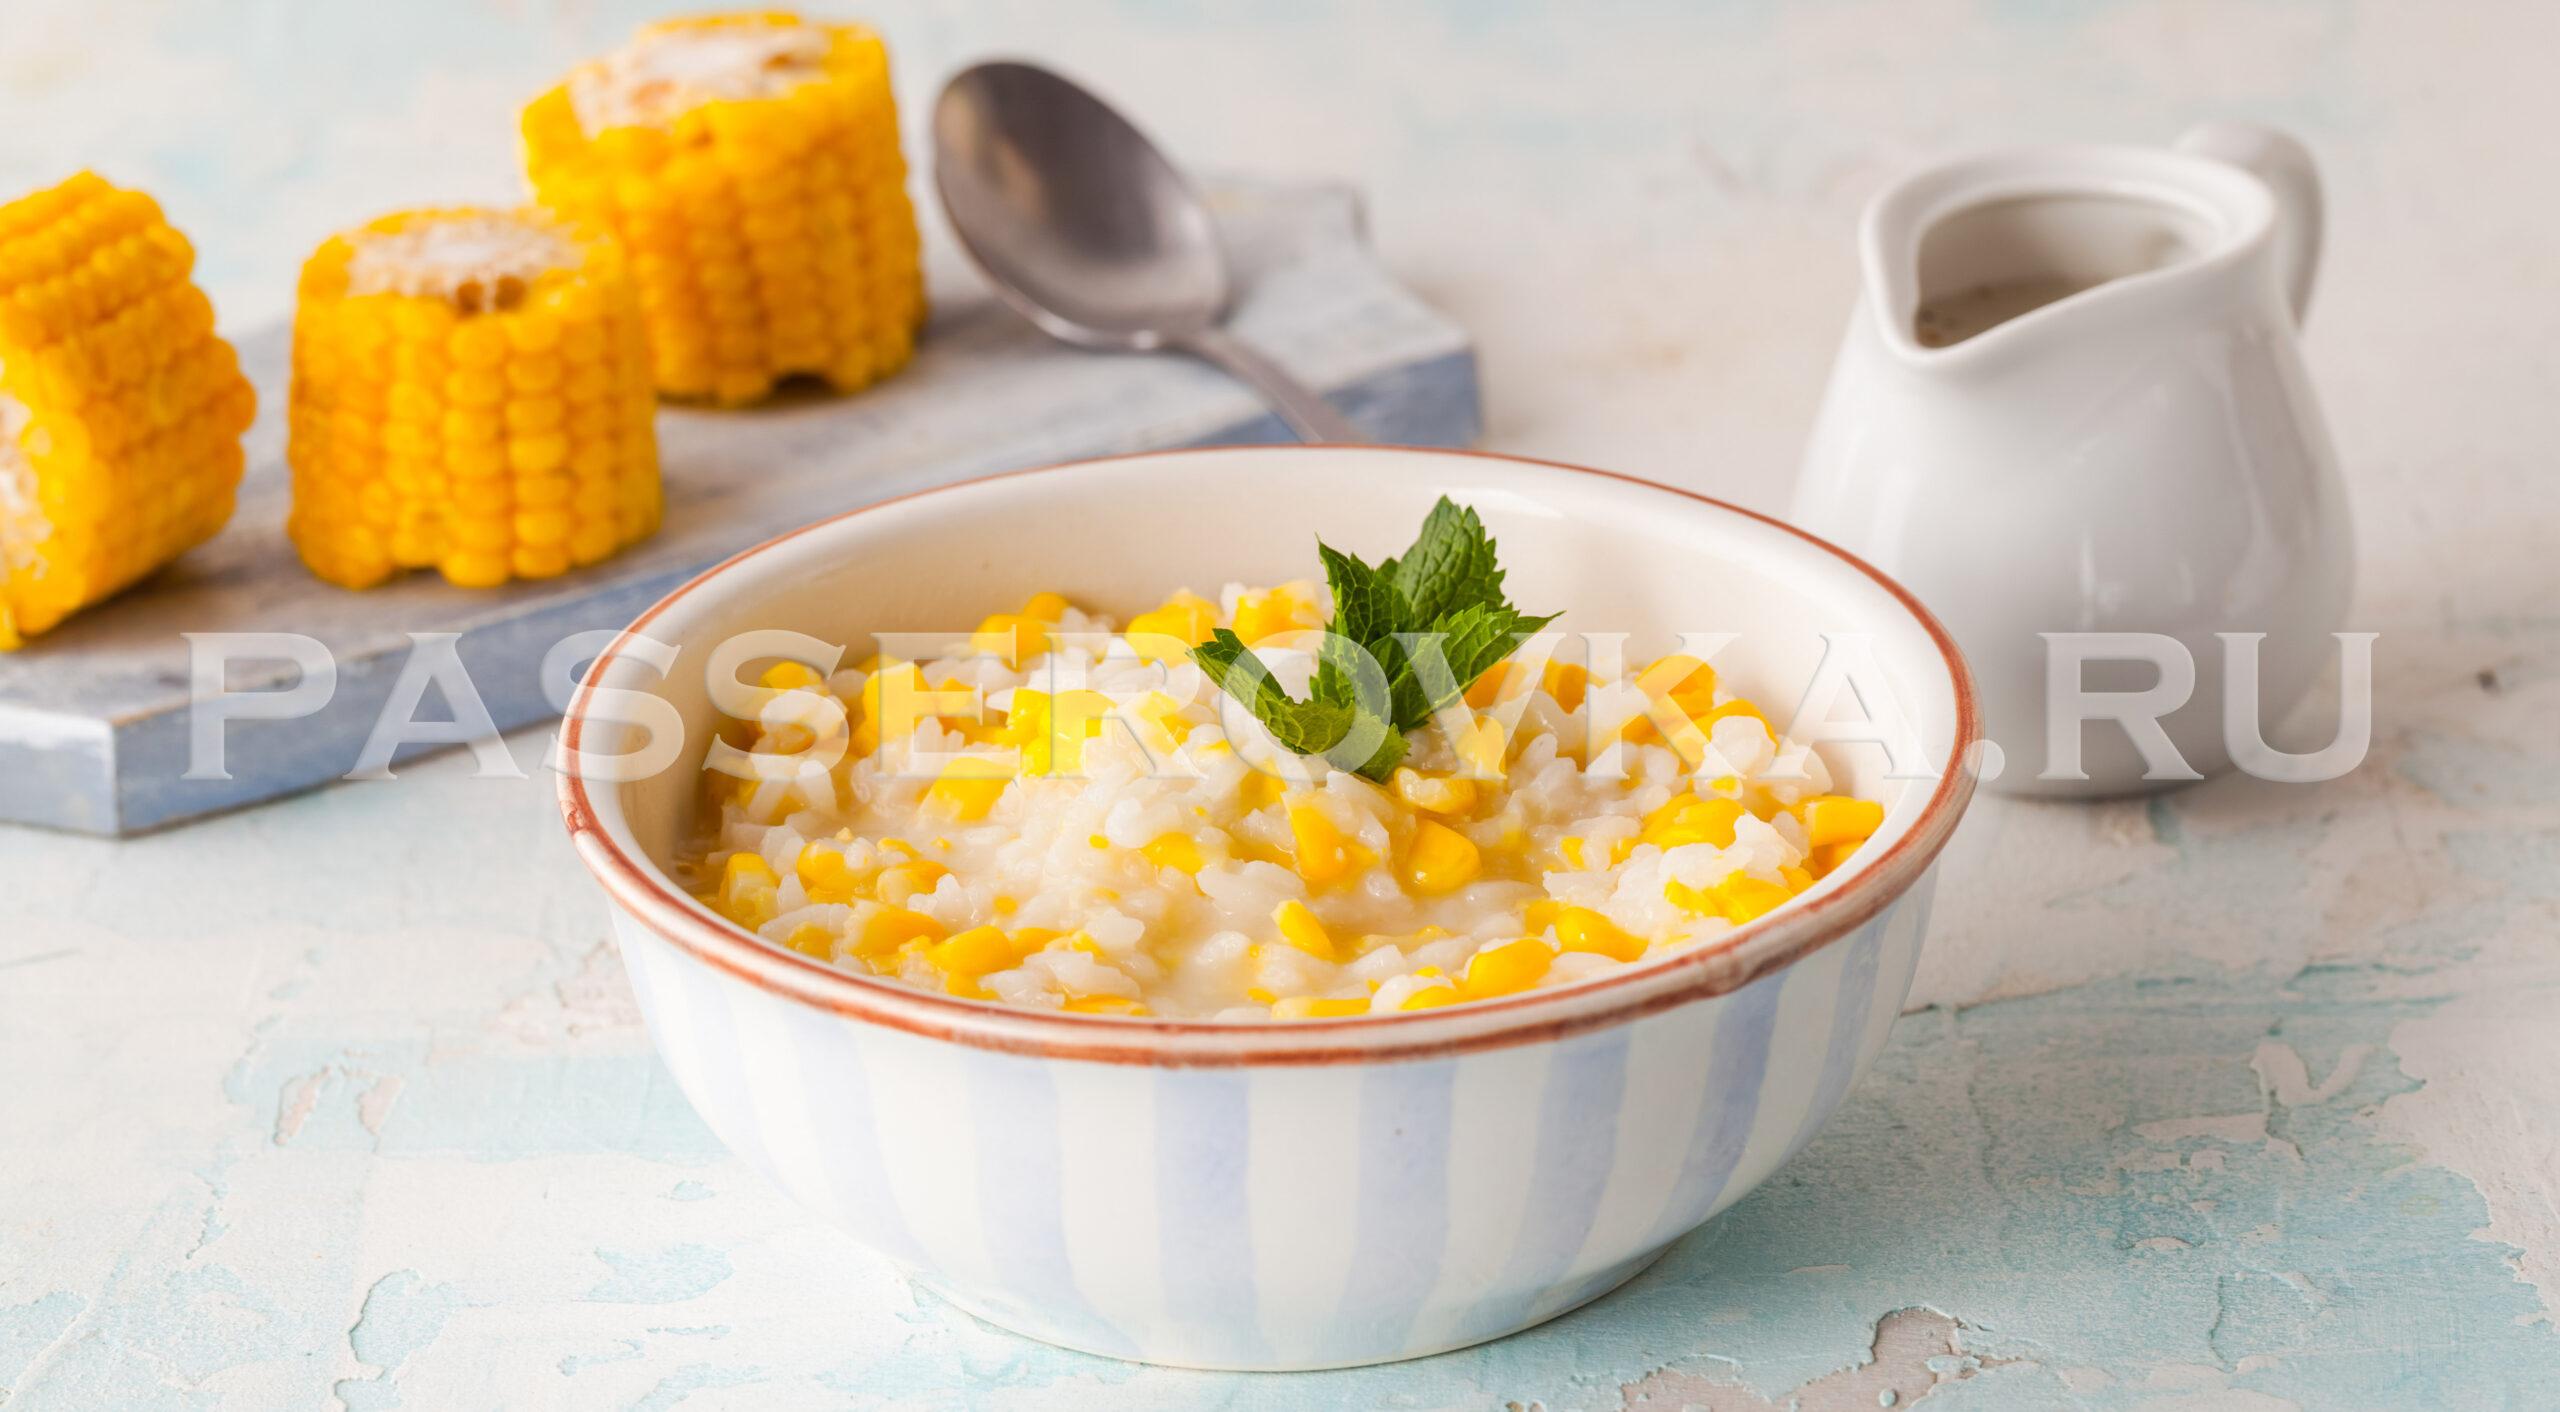 Что можно добавить в рисовую кашу